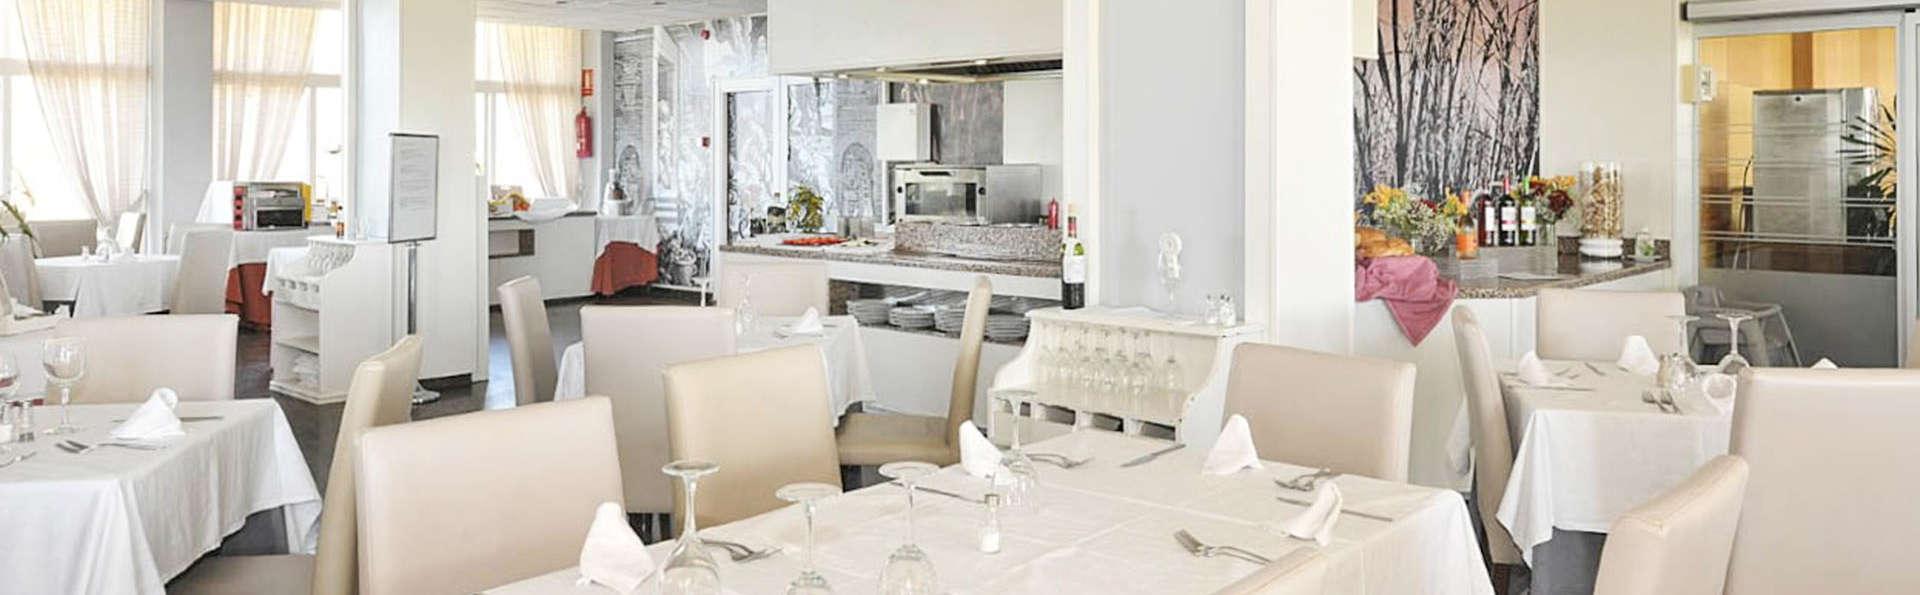 Week-end romantique avec dîner et vues sur la mer à Salobreña